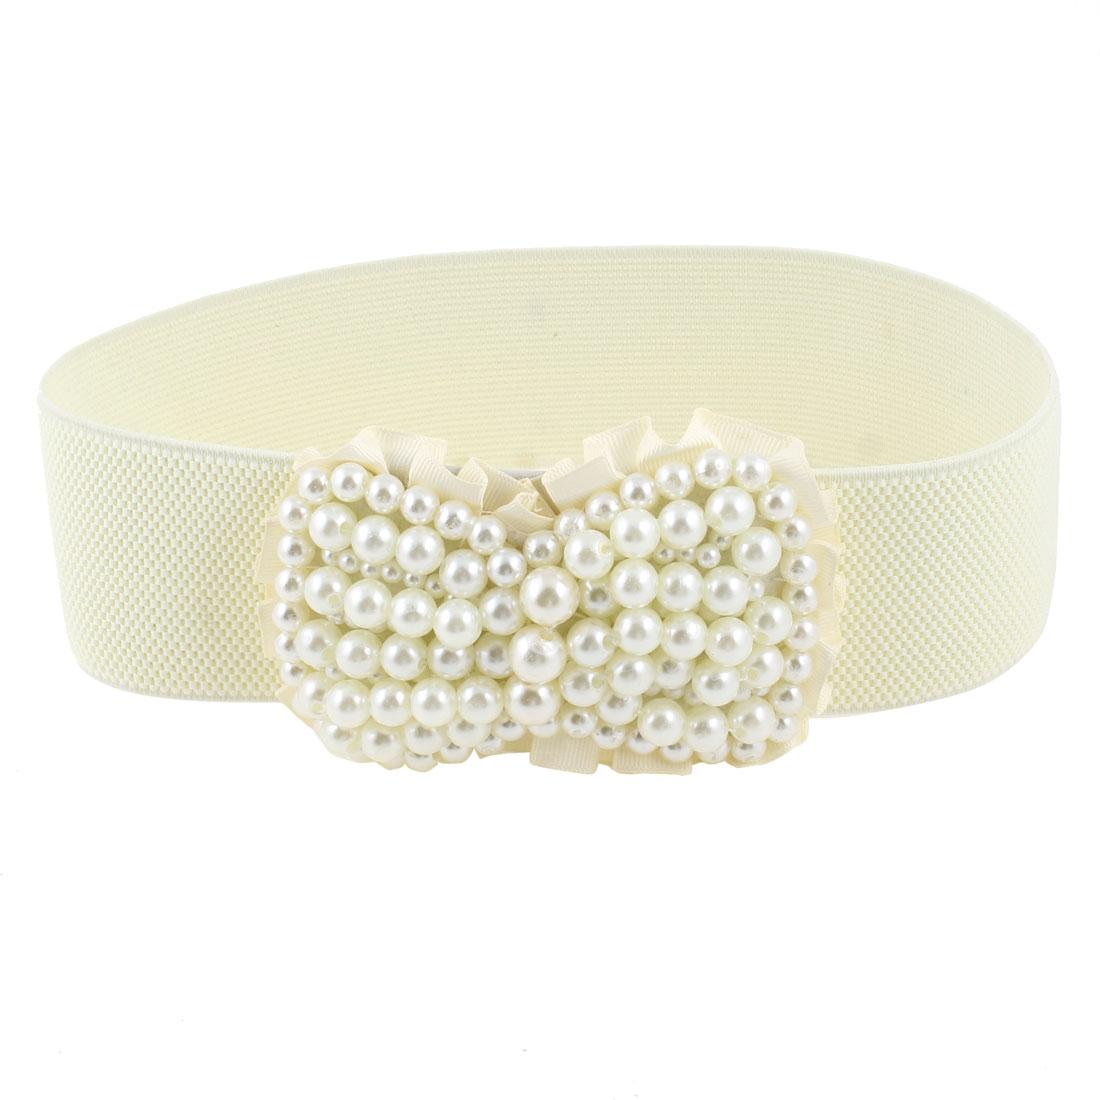 Ladies Plastic Pearl Bow Tie Press Stud Buckle Offwhite Elastic Wide Waist Belt